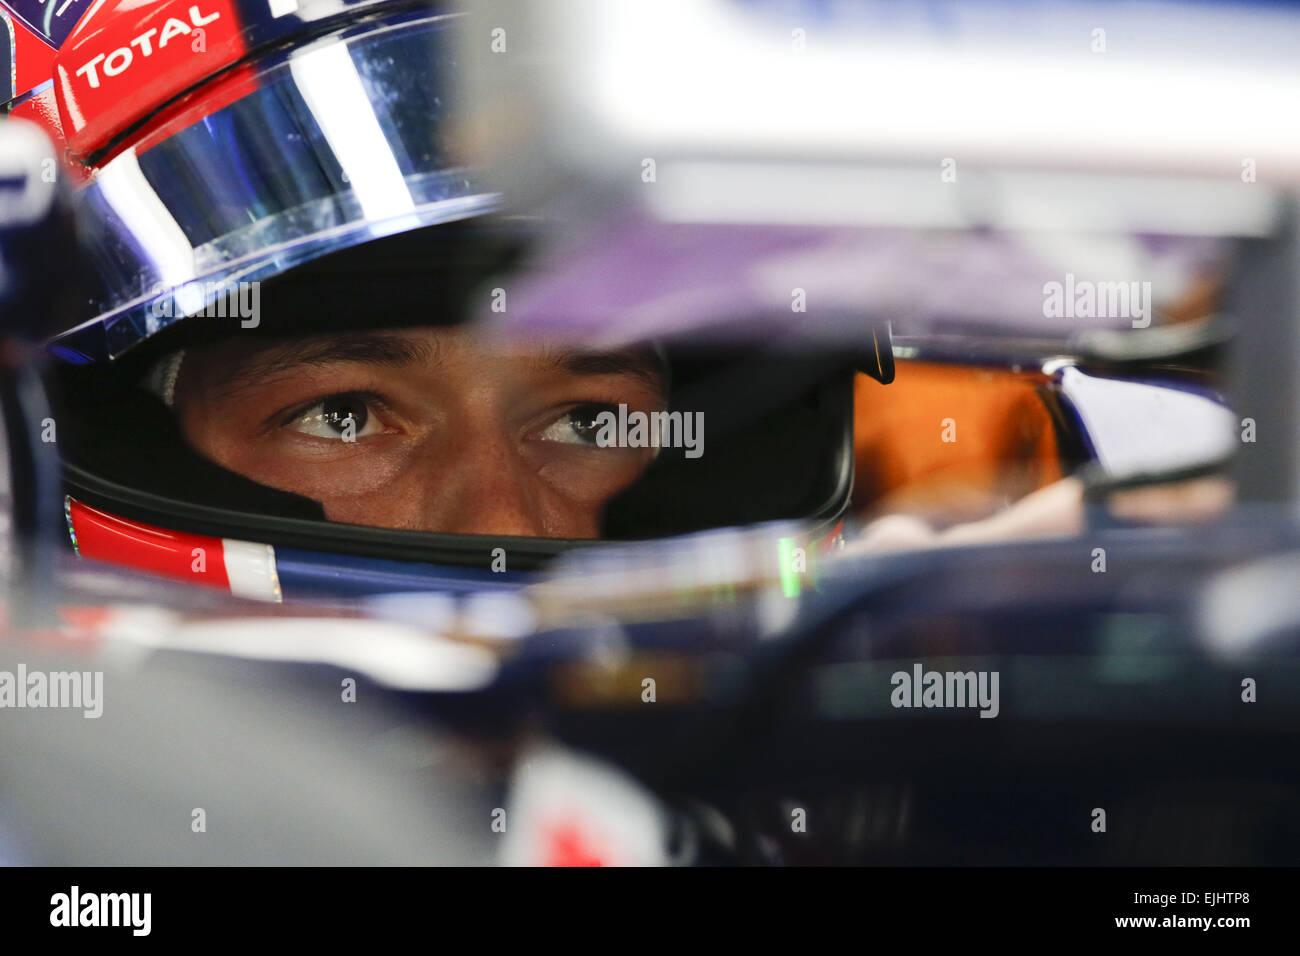 Sepang, Malesia. 27 Mar, 2015. DANIIL KVYAT della Russia e infiniti della Red Bull Racing è visto in seduta in auto Foto Stock